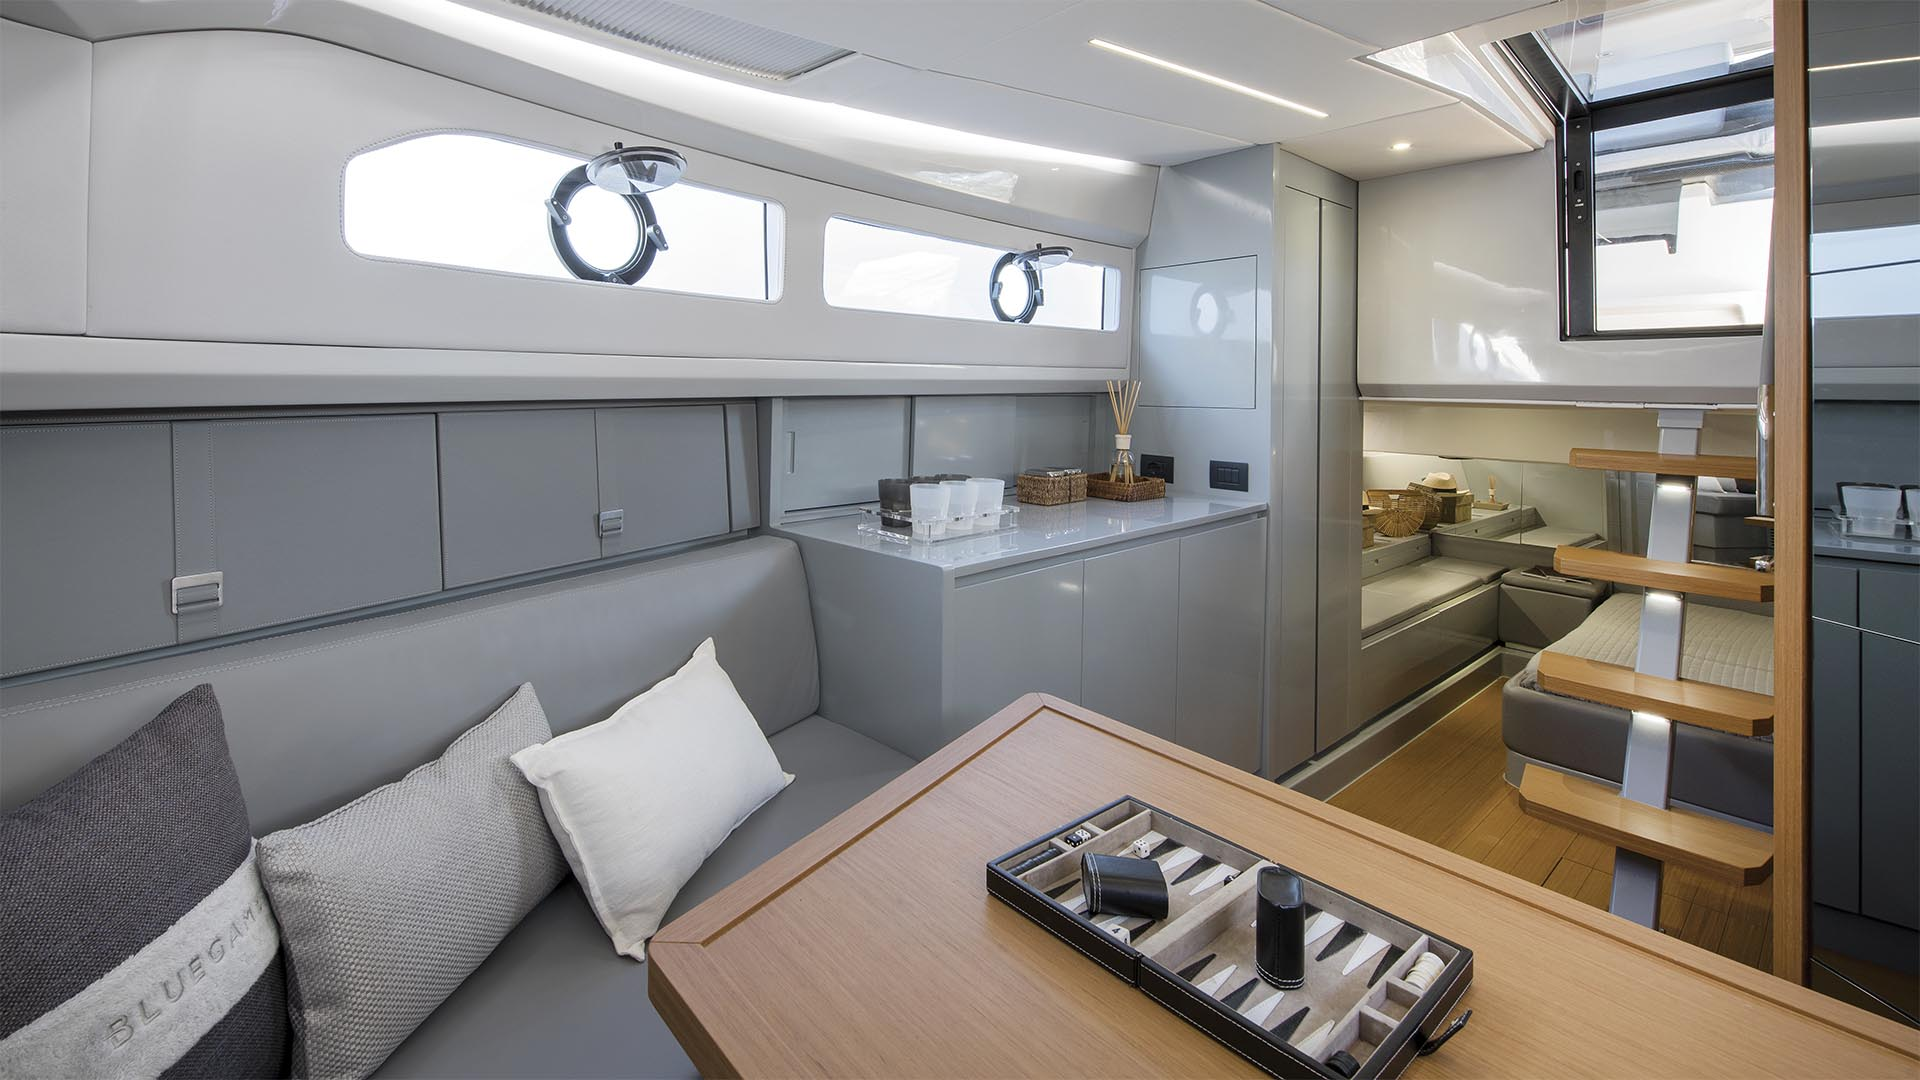 Bg42_0003_BG42_interior_01